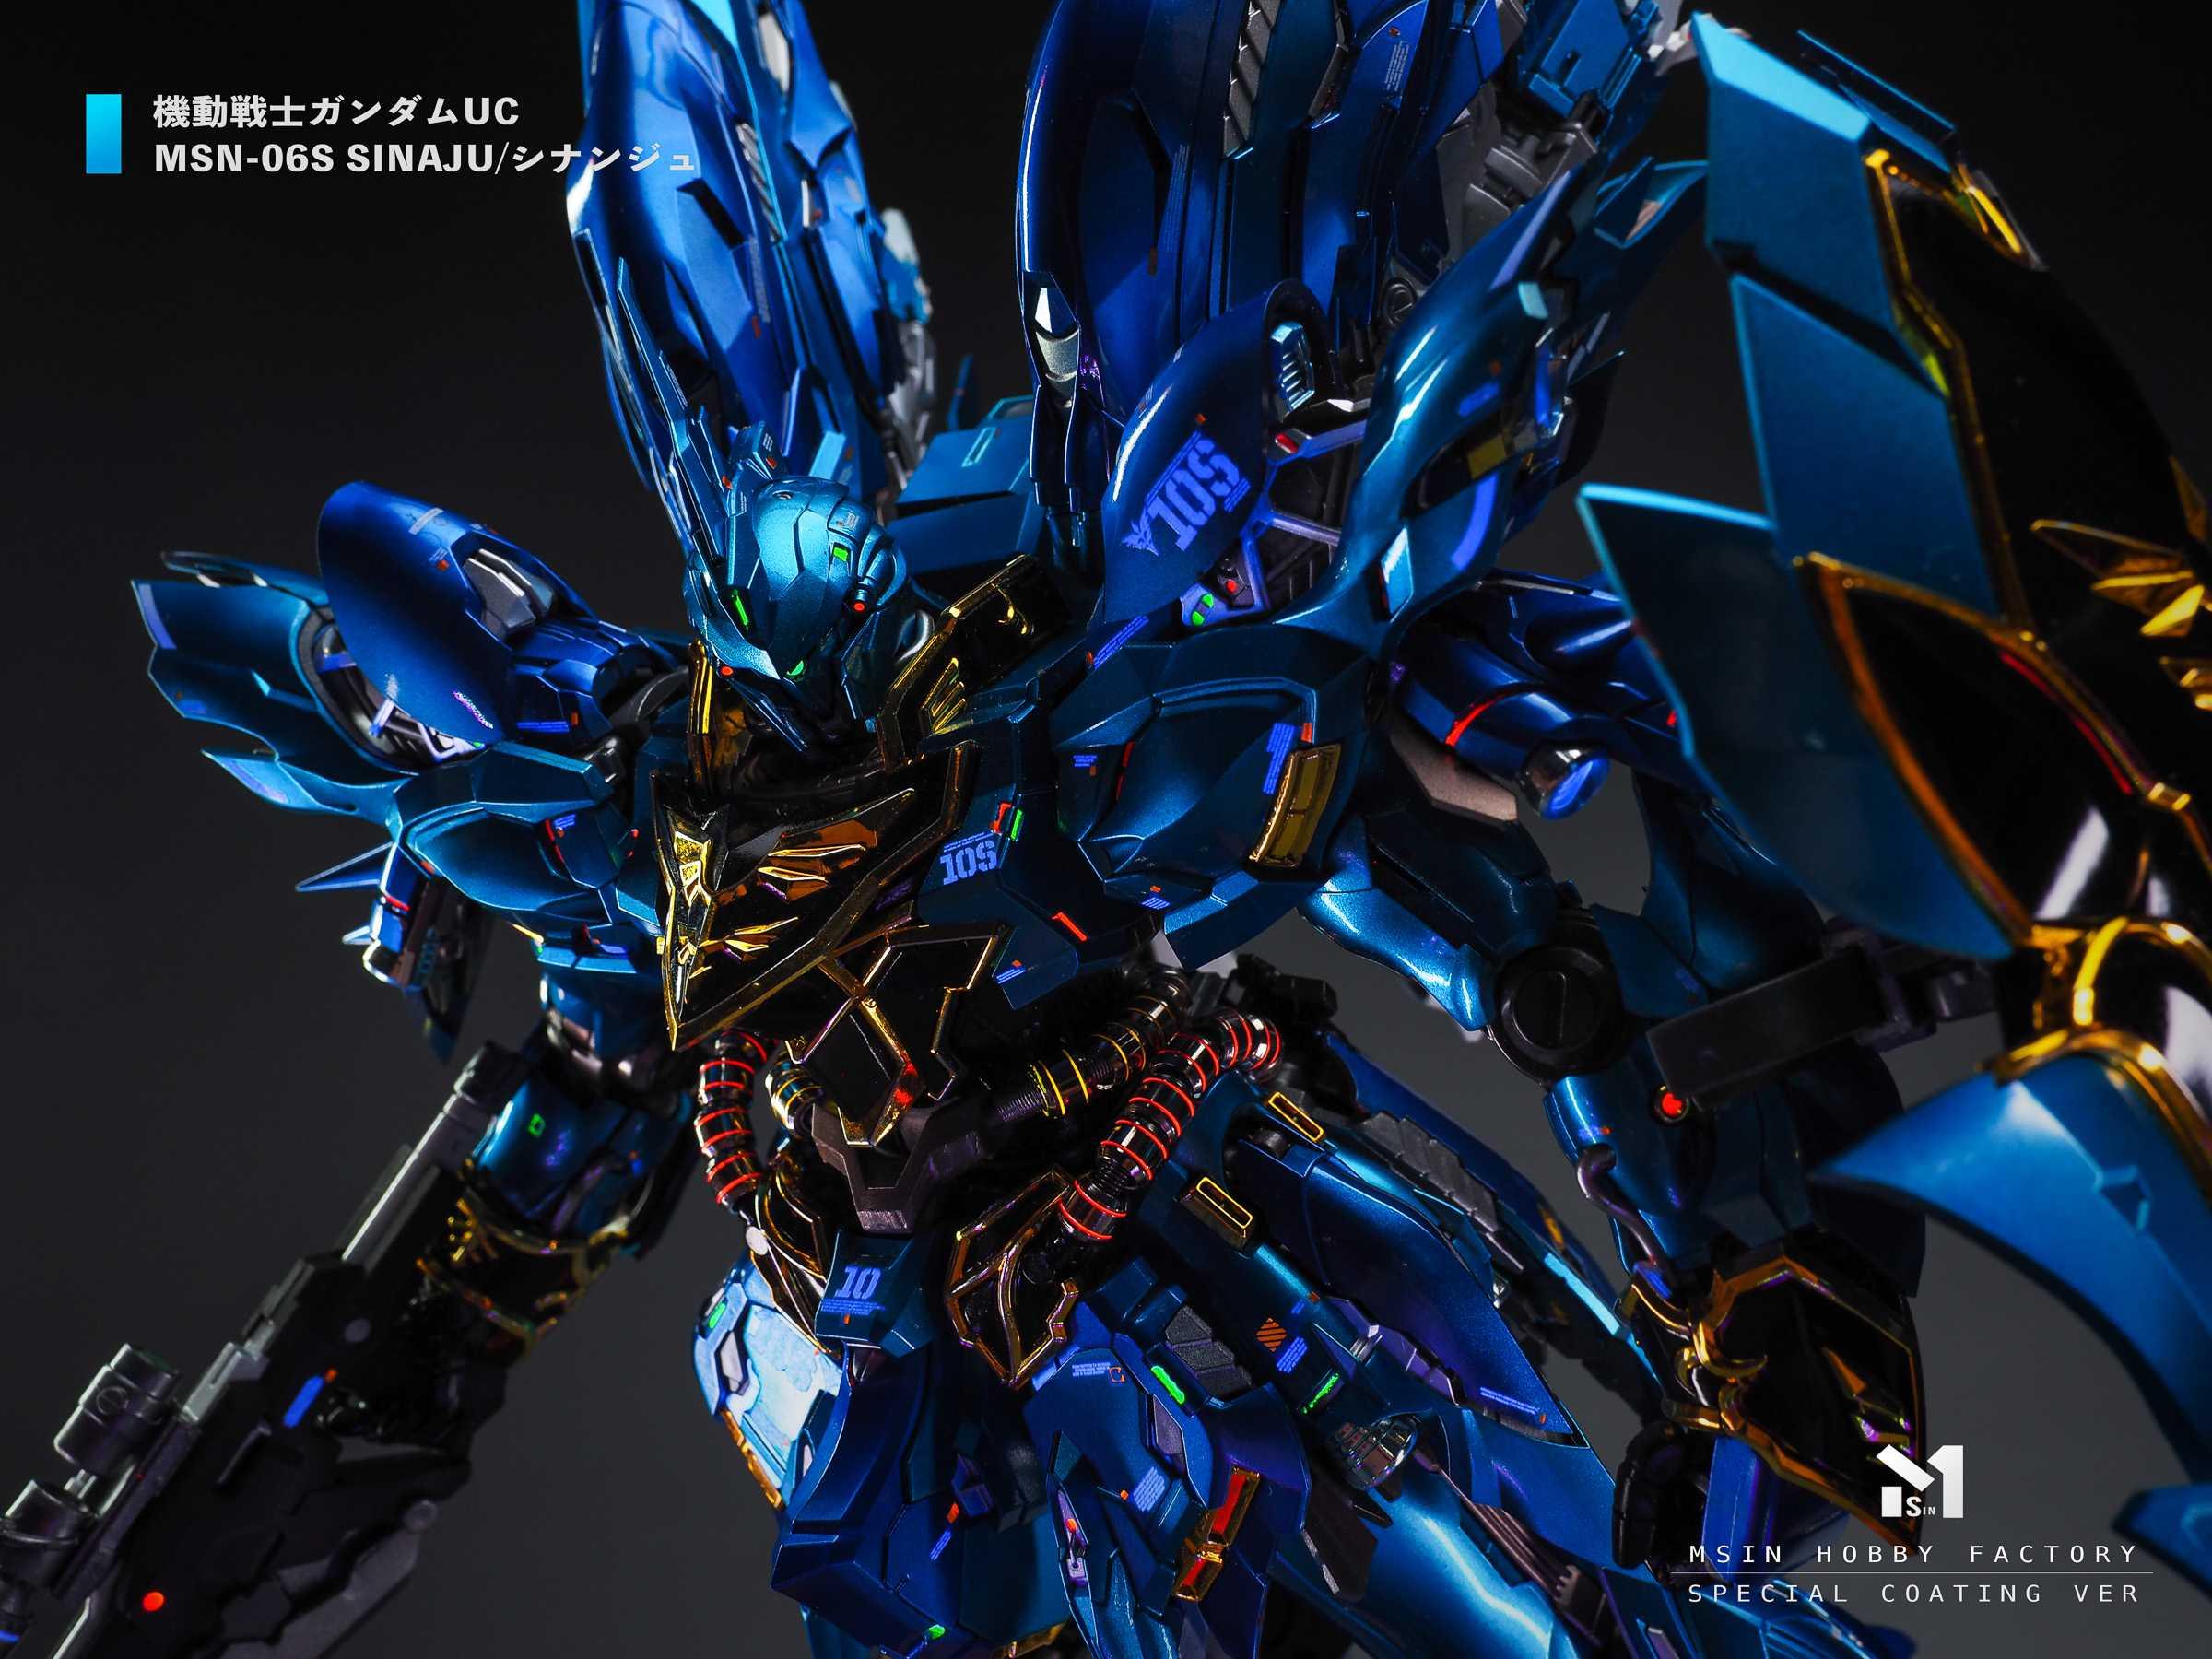 S437_4_sinanju_takumi_blue_006.jpg